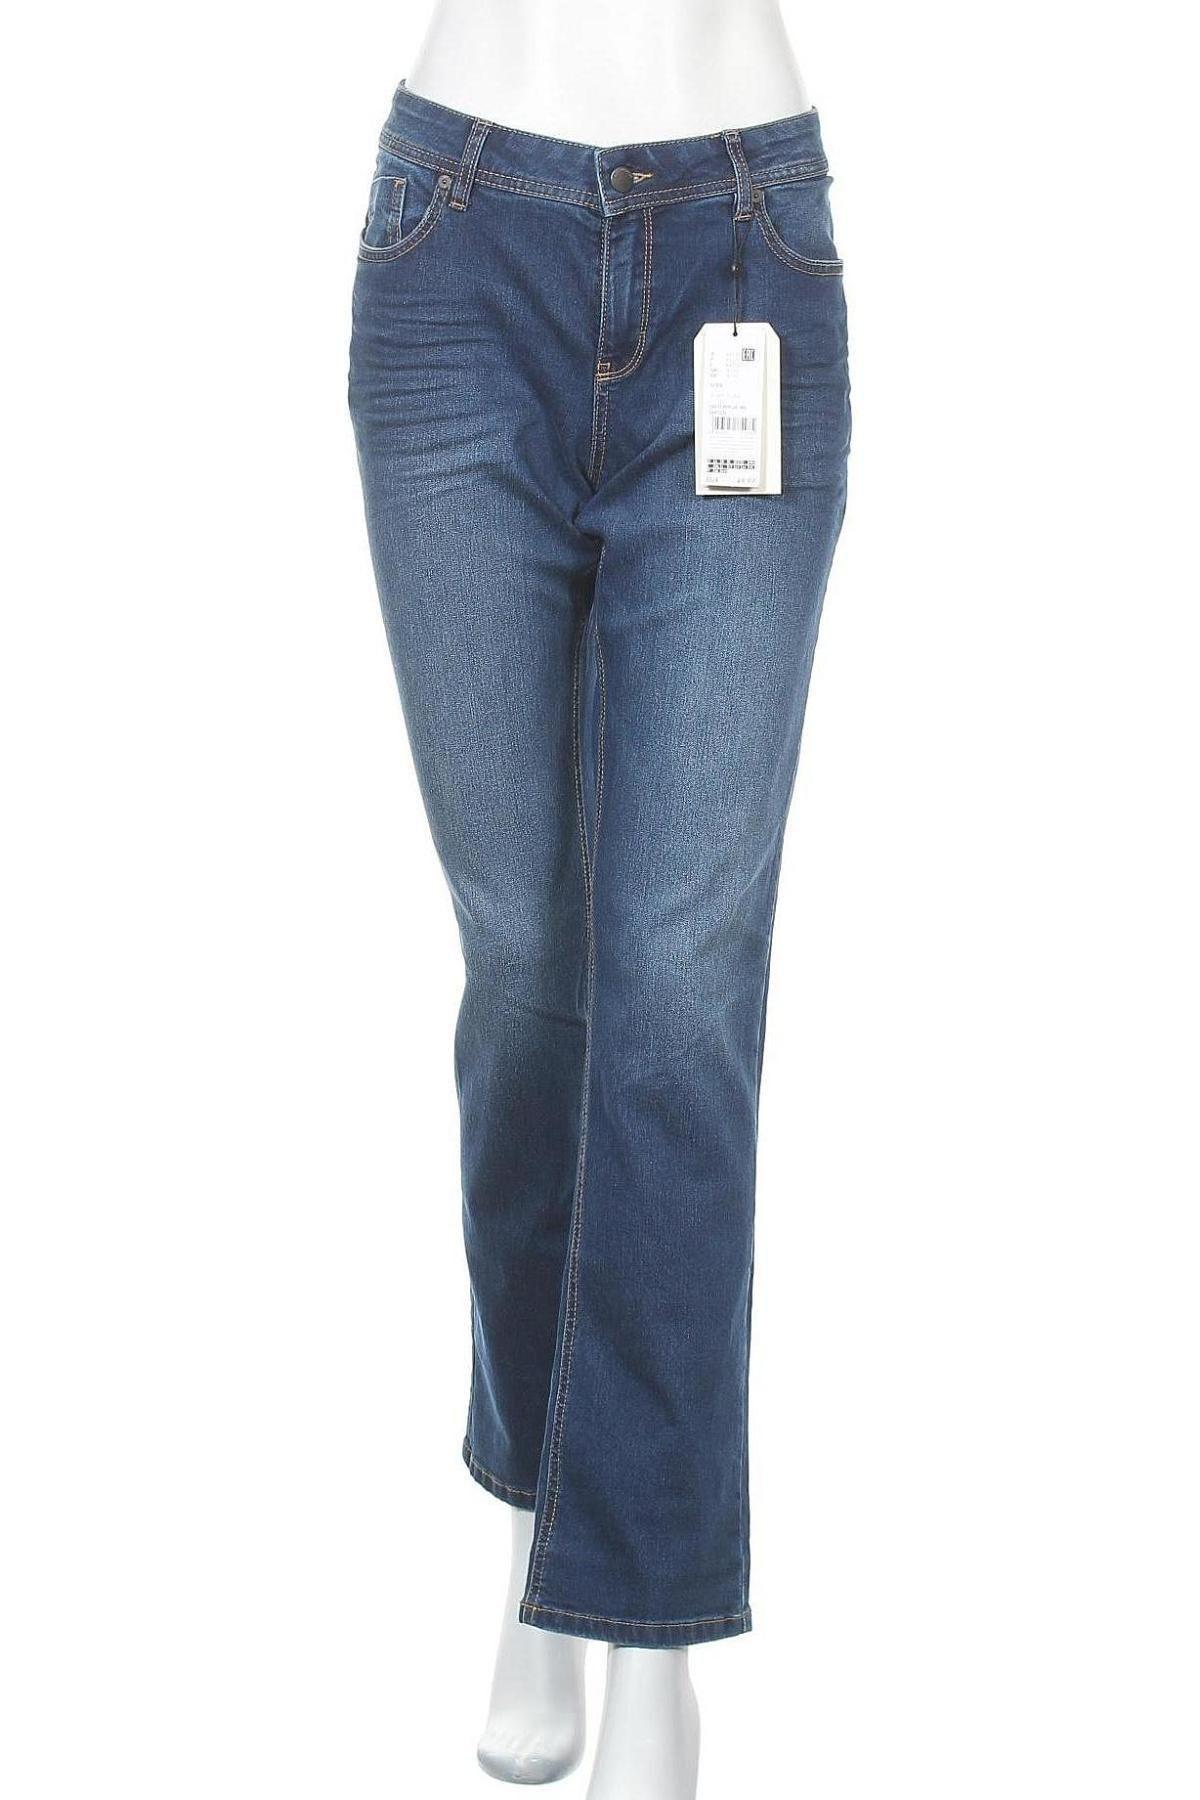 Дамски дънки Q/S by S.Oliver, Размер L, Цвят Син, 78% памук, 21% полиестер, 1% еластан, Цена 30,91лв.